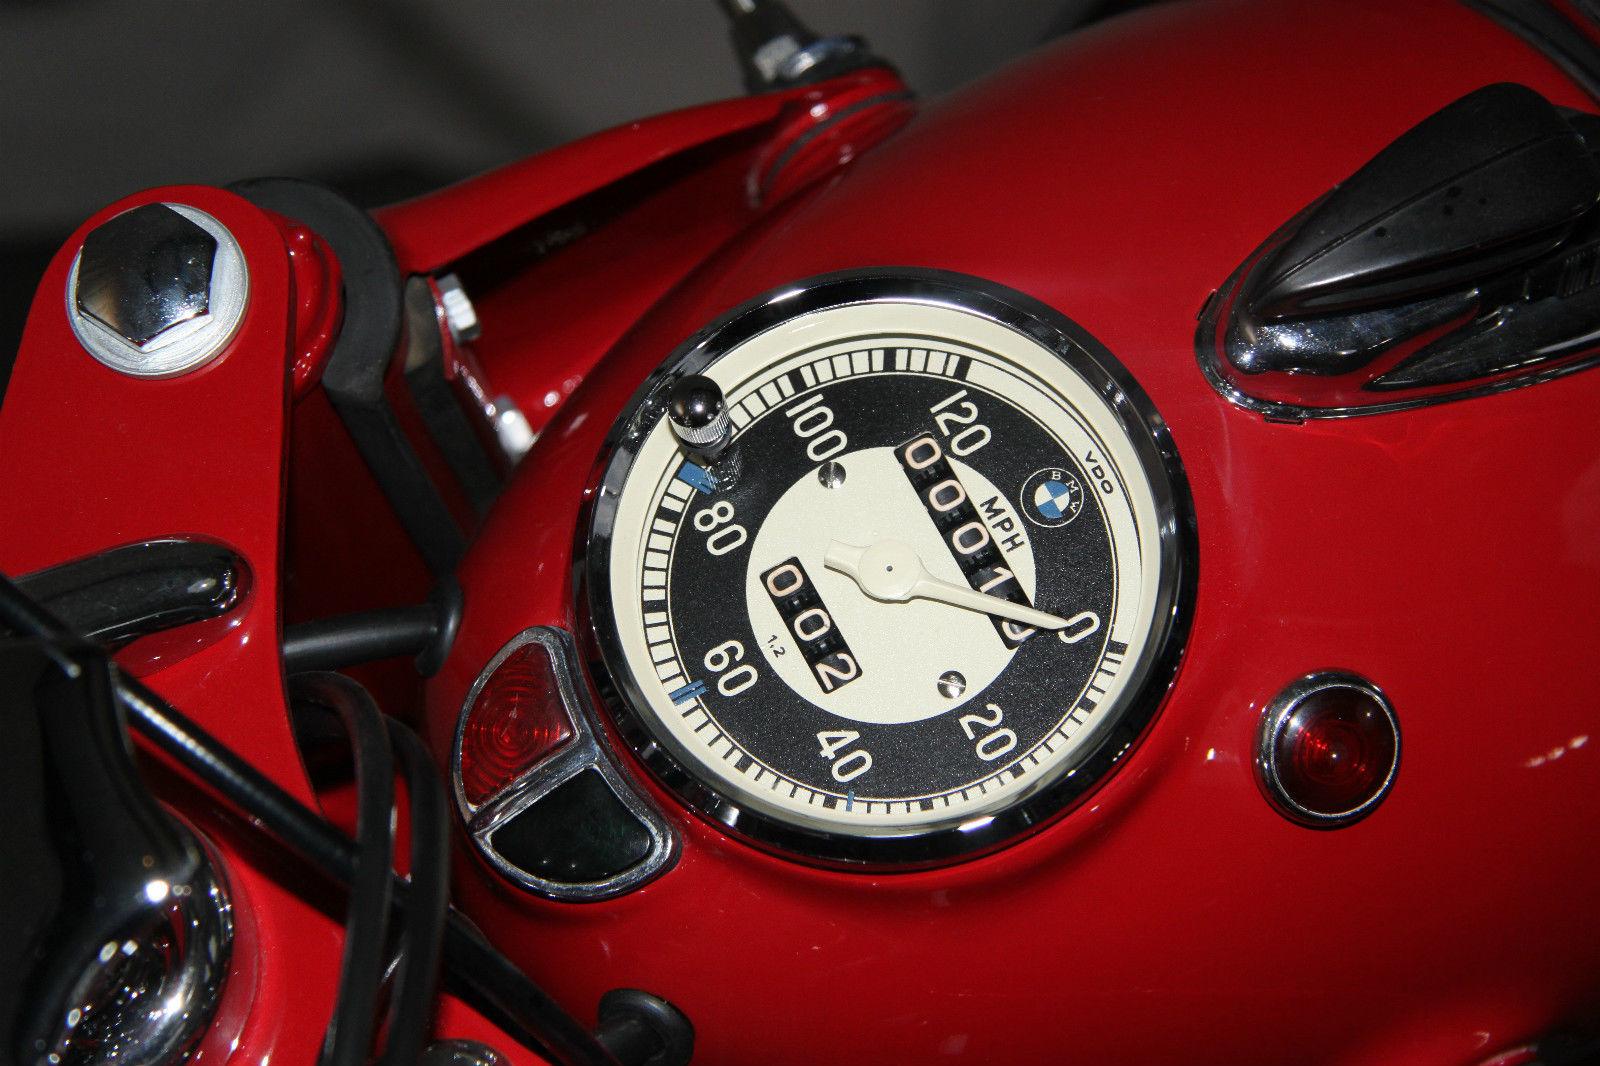 bmw r60 2 1963 restored classic motorcycles at bikes restored bmw r60 2 1963 headlight bucket speedo speedometer mileage